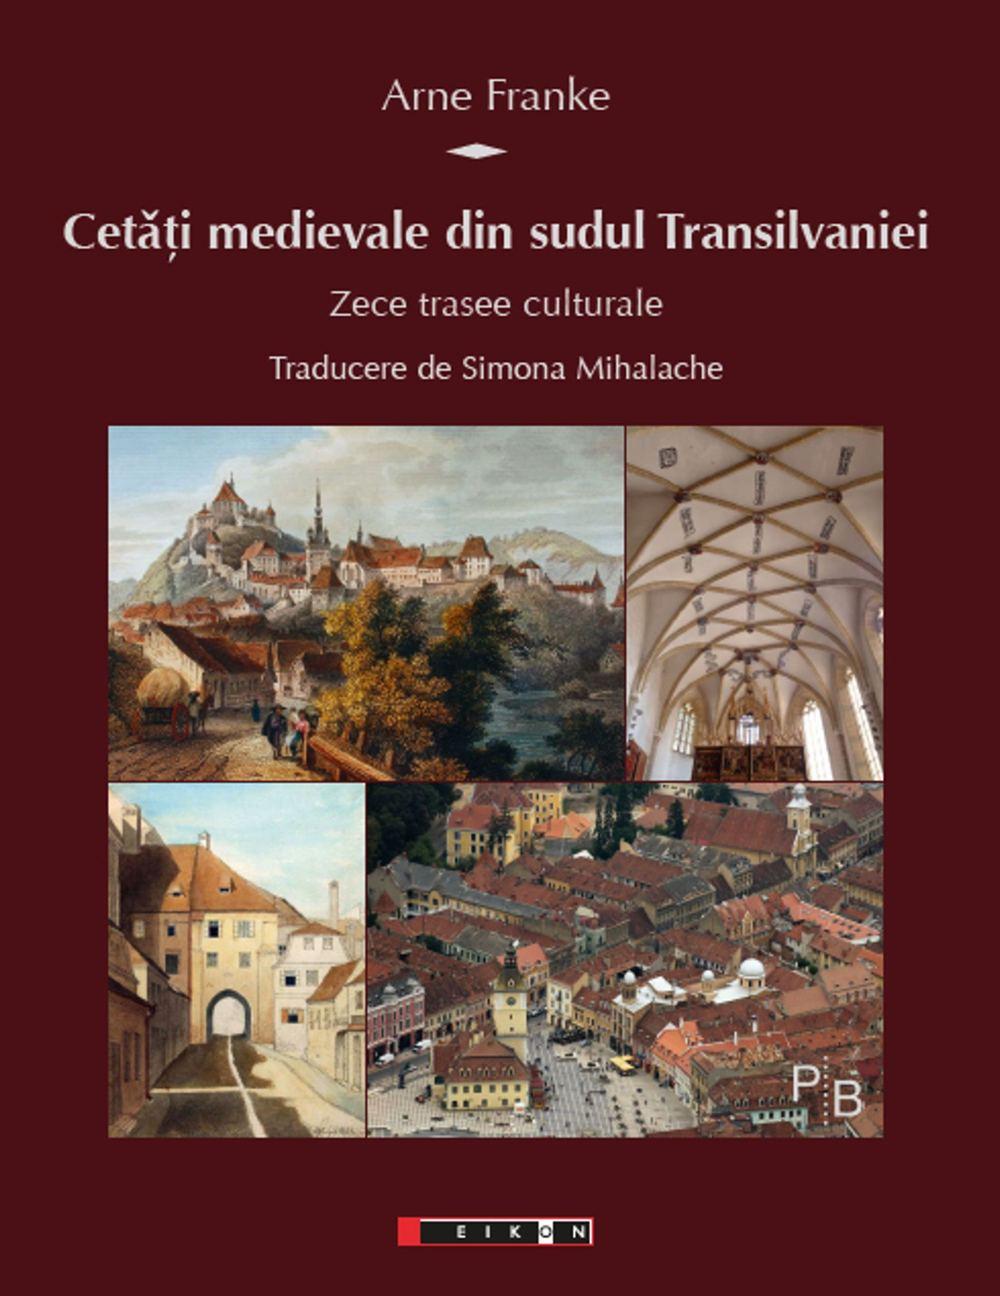 Cetati medievale din sudul Transilvaniei